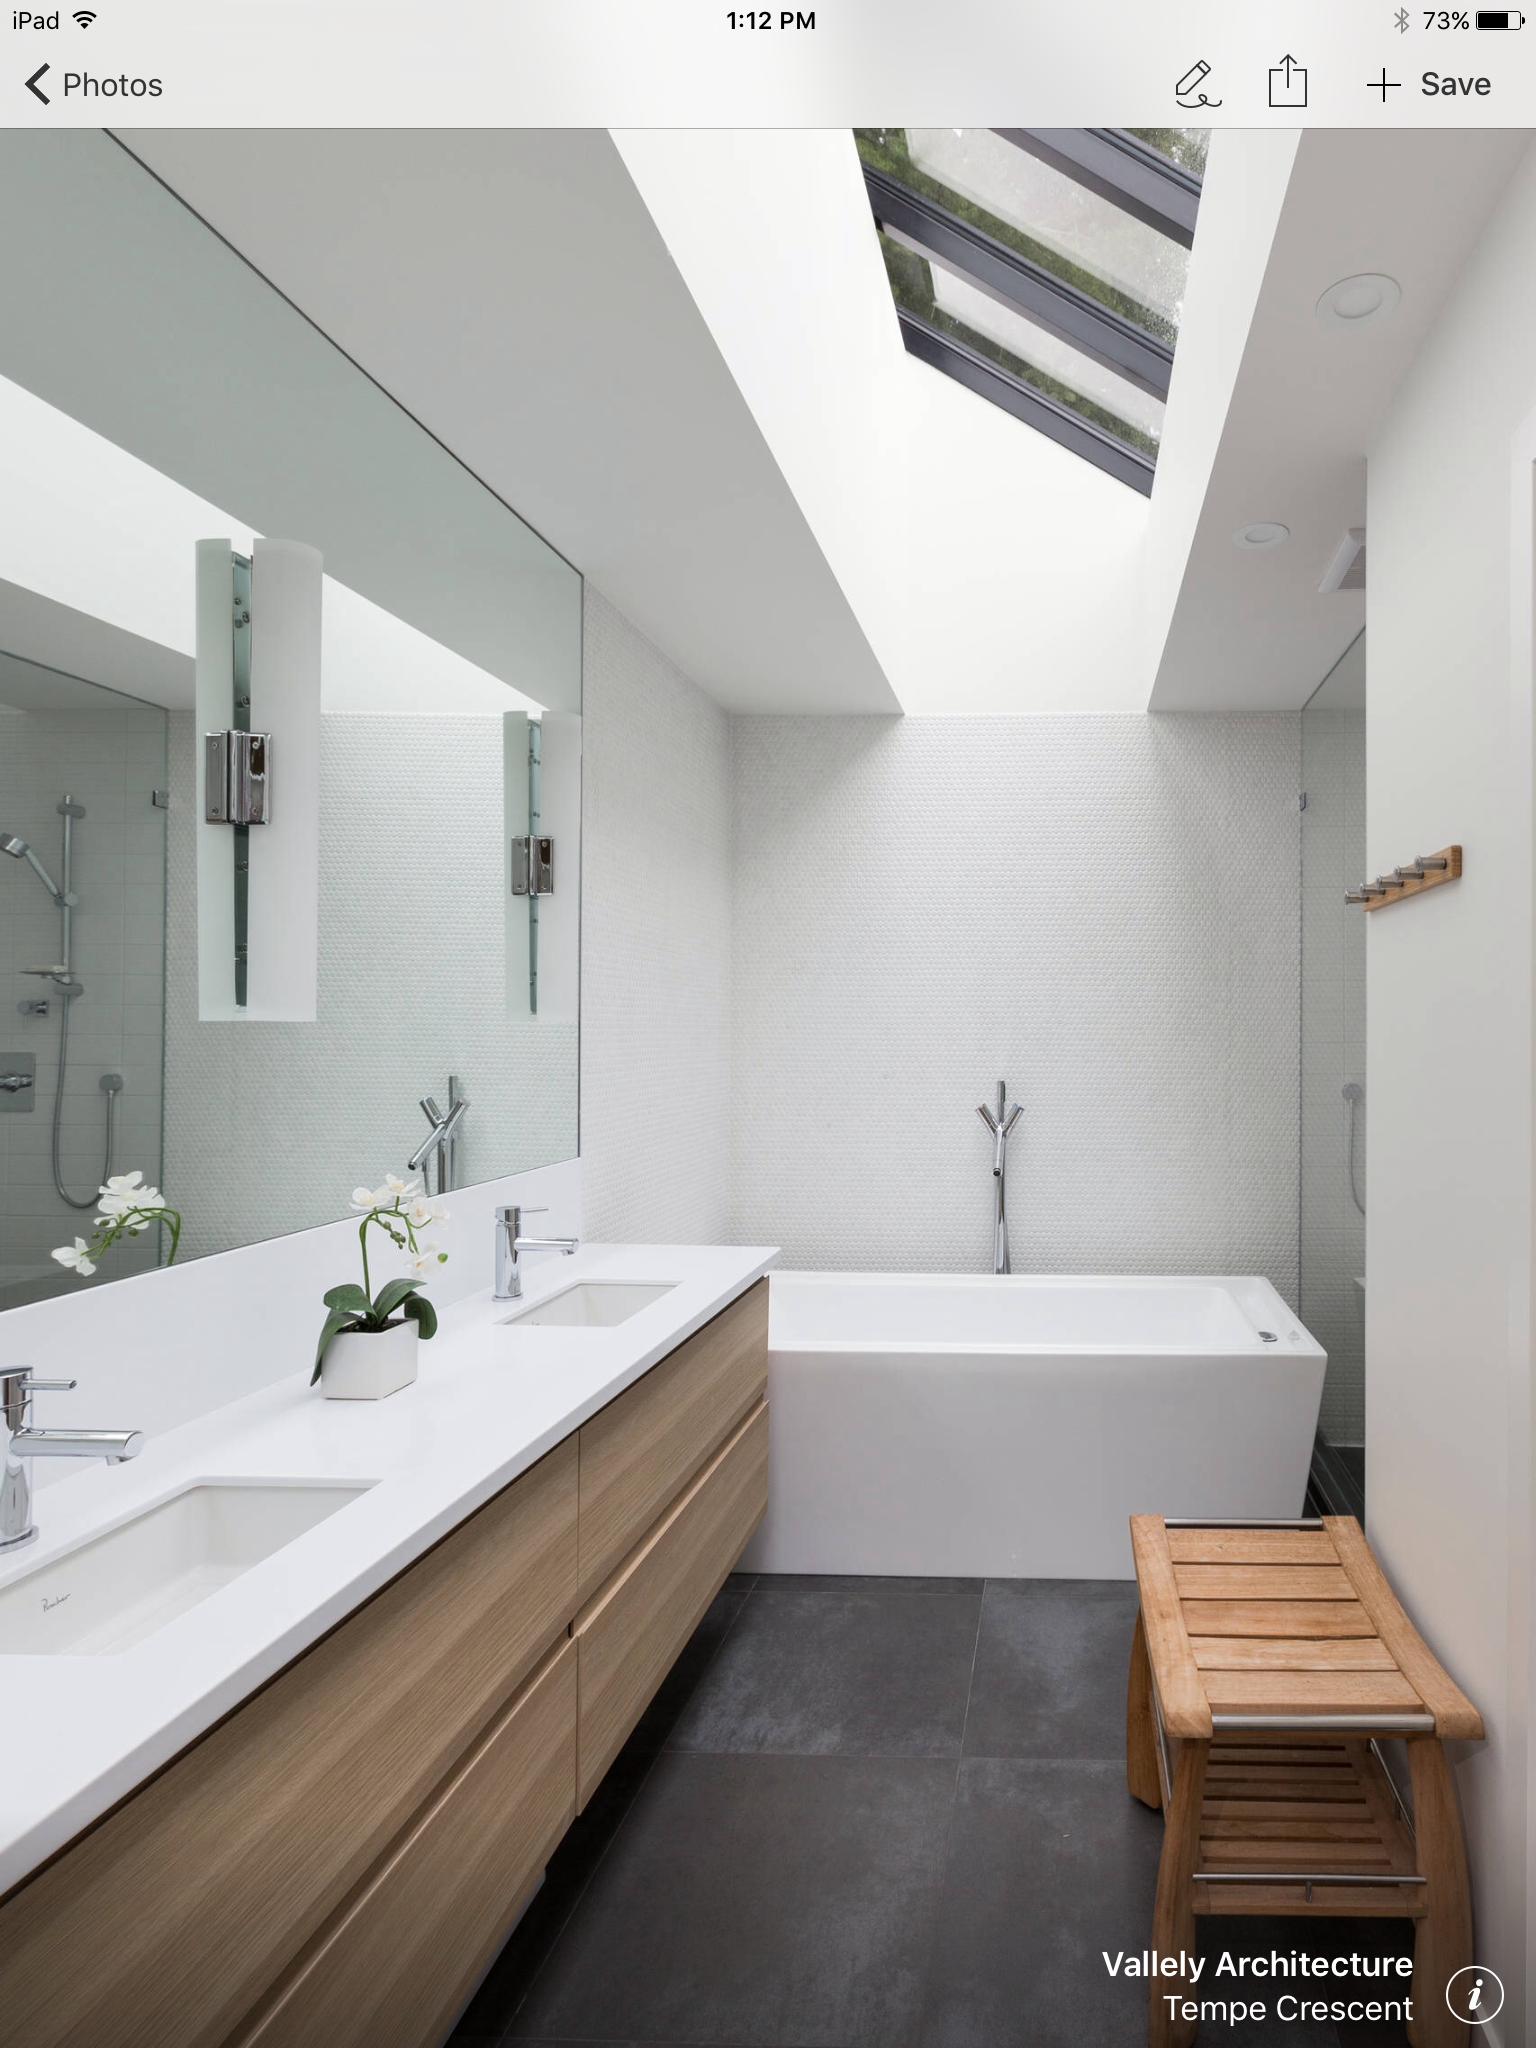 Badezimmer mit 2 waschtischen pin von julia wiedmann auf bad  qm  pinterest  badezimmer baden